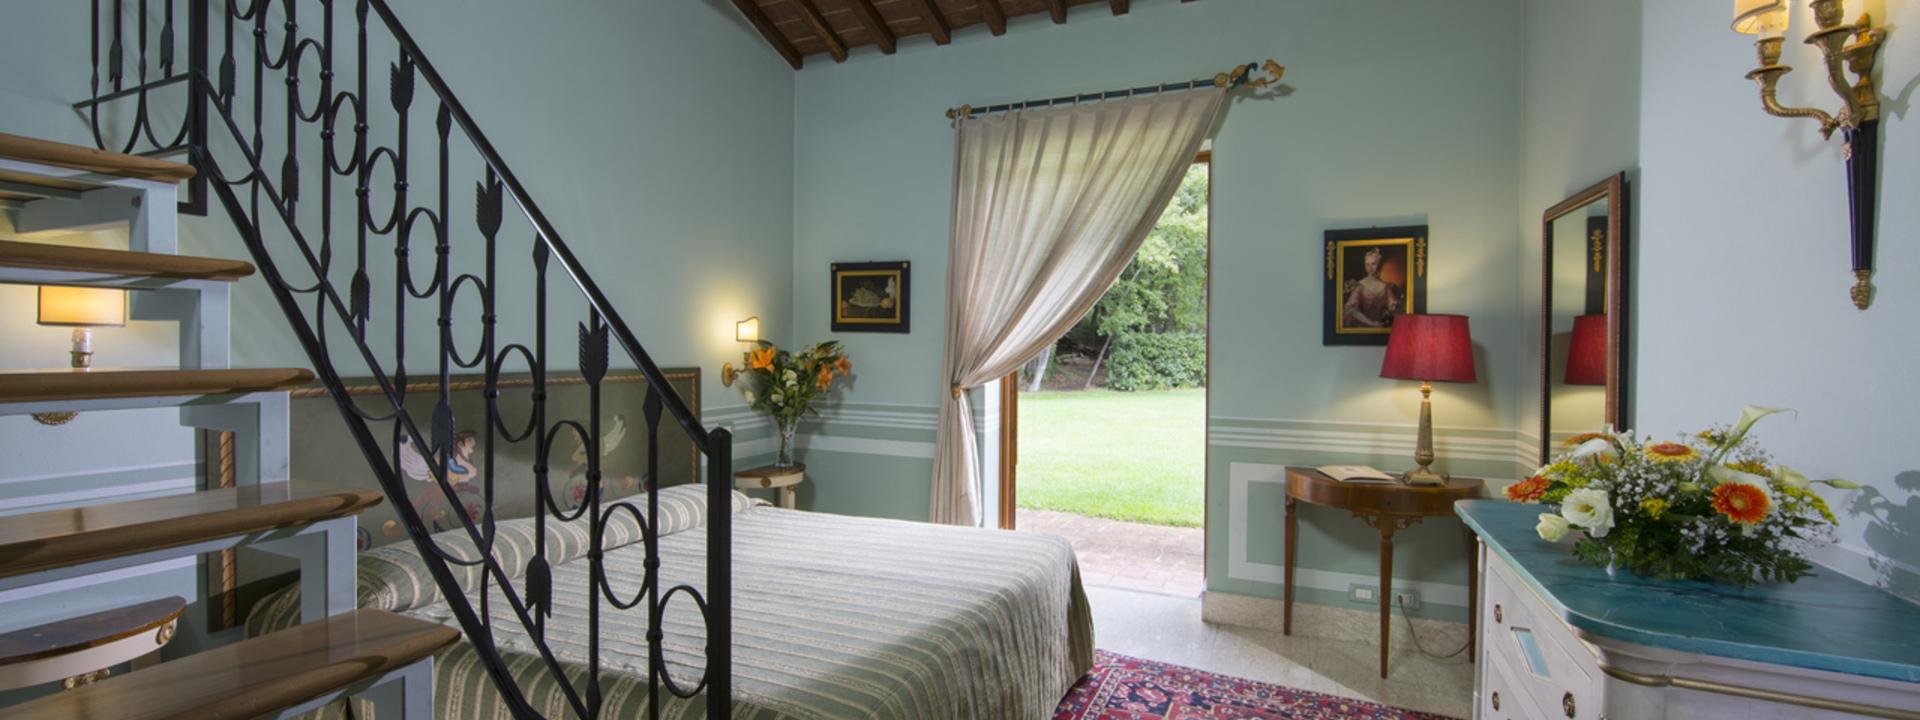 Hotel per Famiglie Siena – Il Piccolo Castello